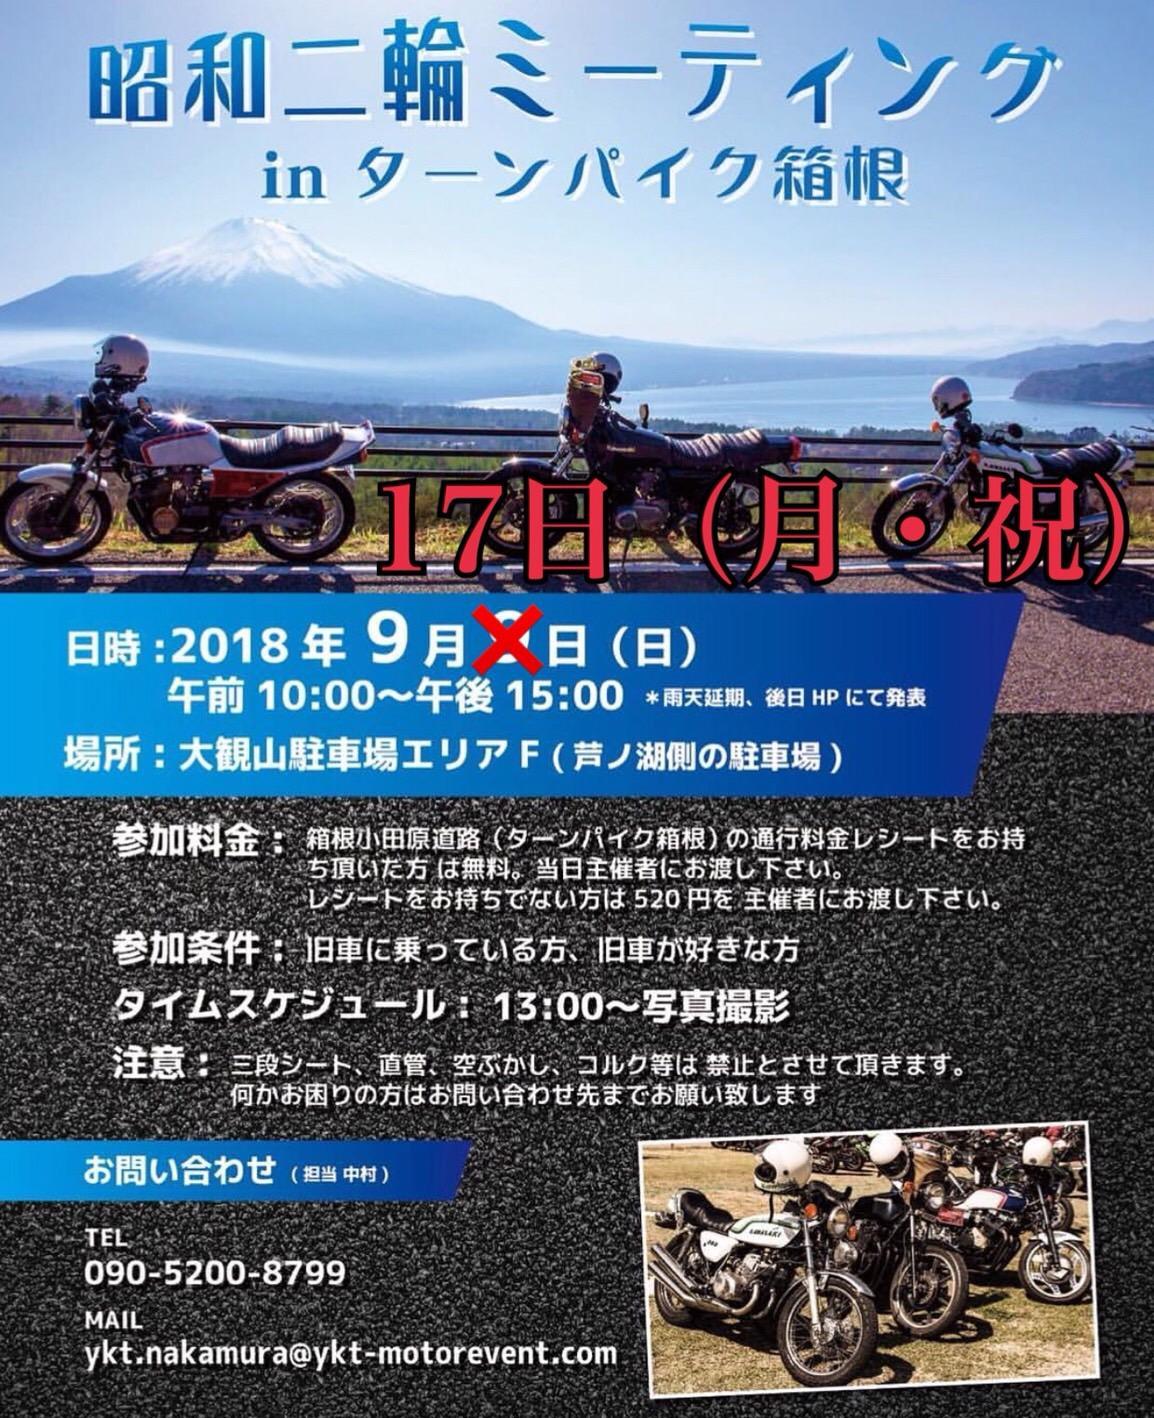 昭和二輪ミーティング inターンパイク箱根